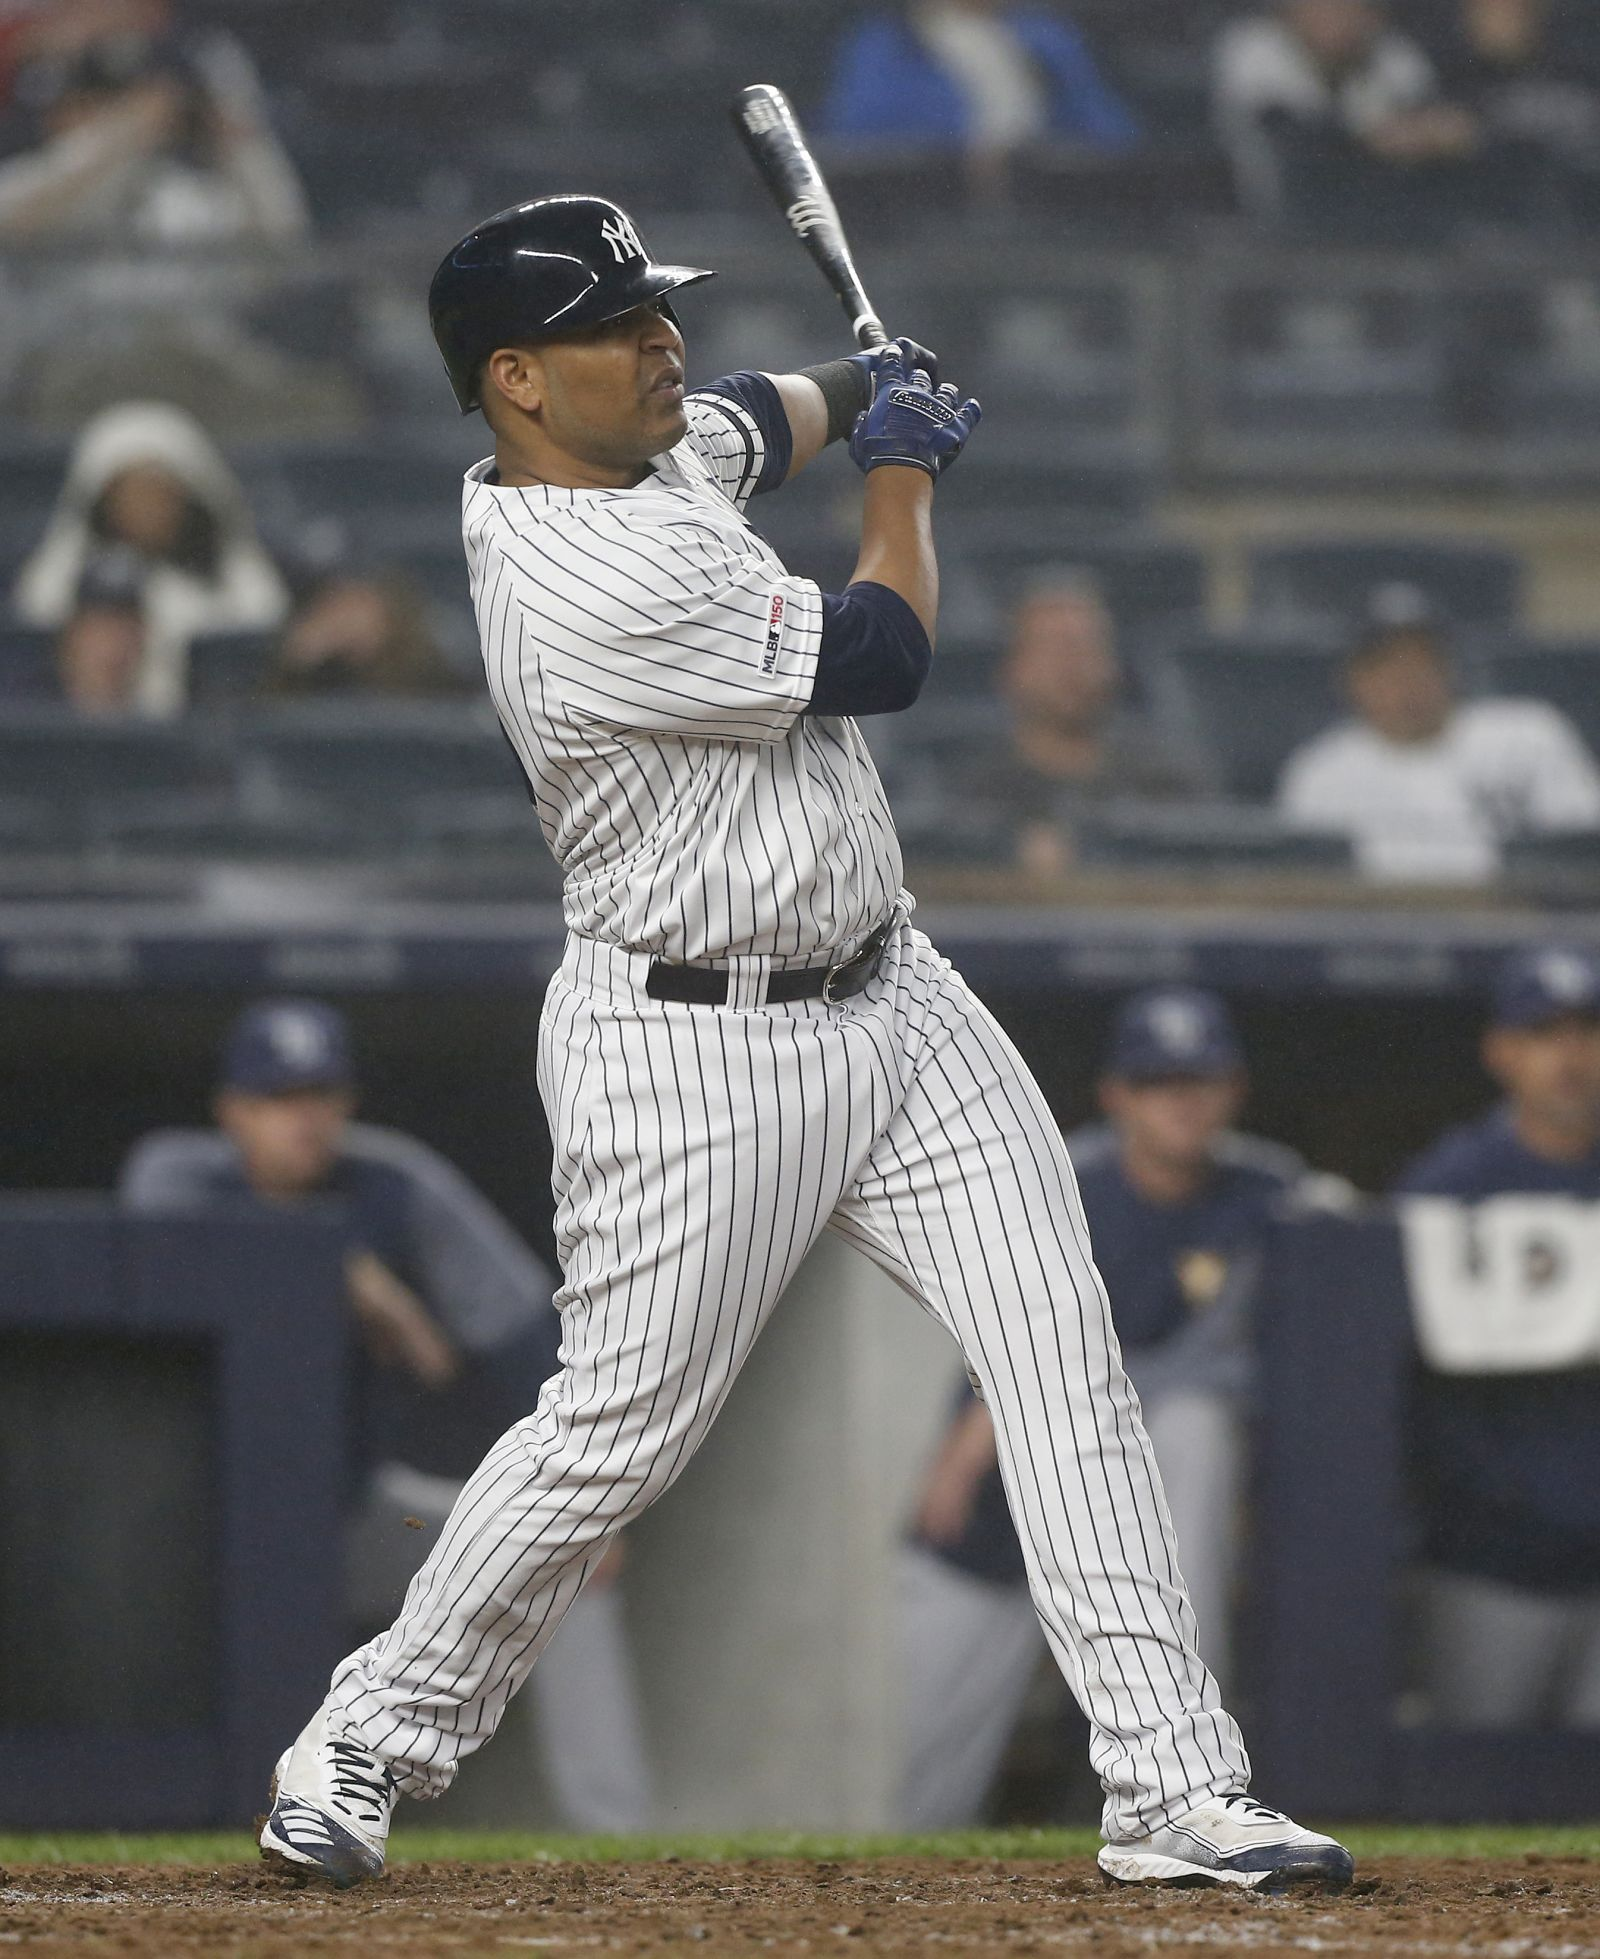 Yankees Alcs Game 2 Report Card Whose To Blame Yankees Yankees Fan New York Yankees